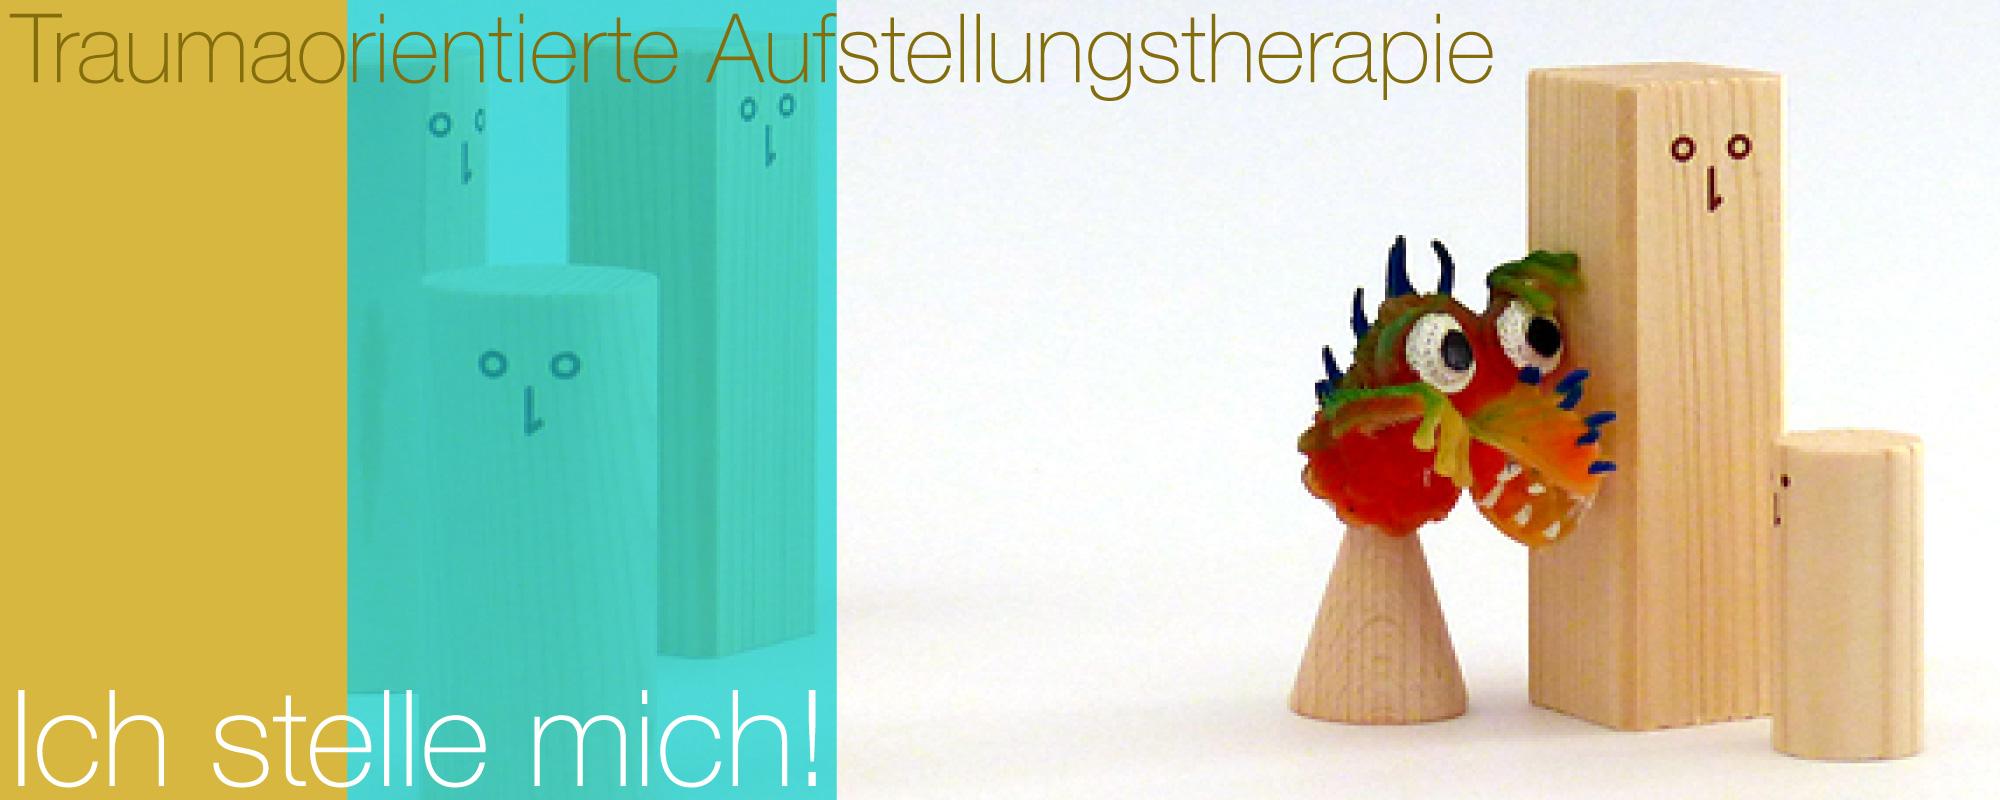 Traumaorientierte Aufstellungstherapie | Therapie im Zentrum für ganzheitliche Traumatherapie | Heilpraktikerin Petra M. Quack